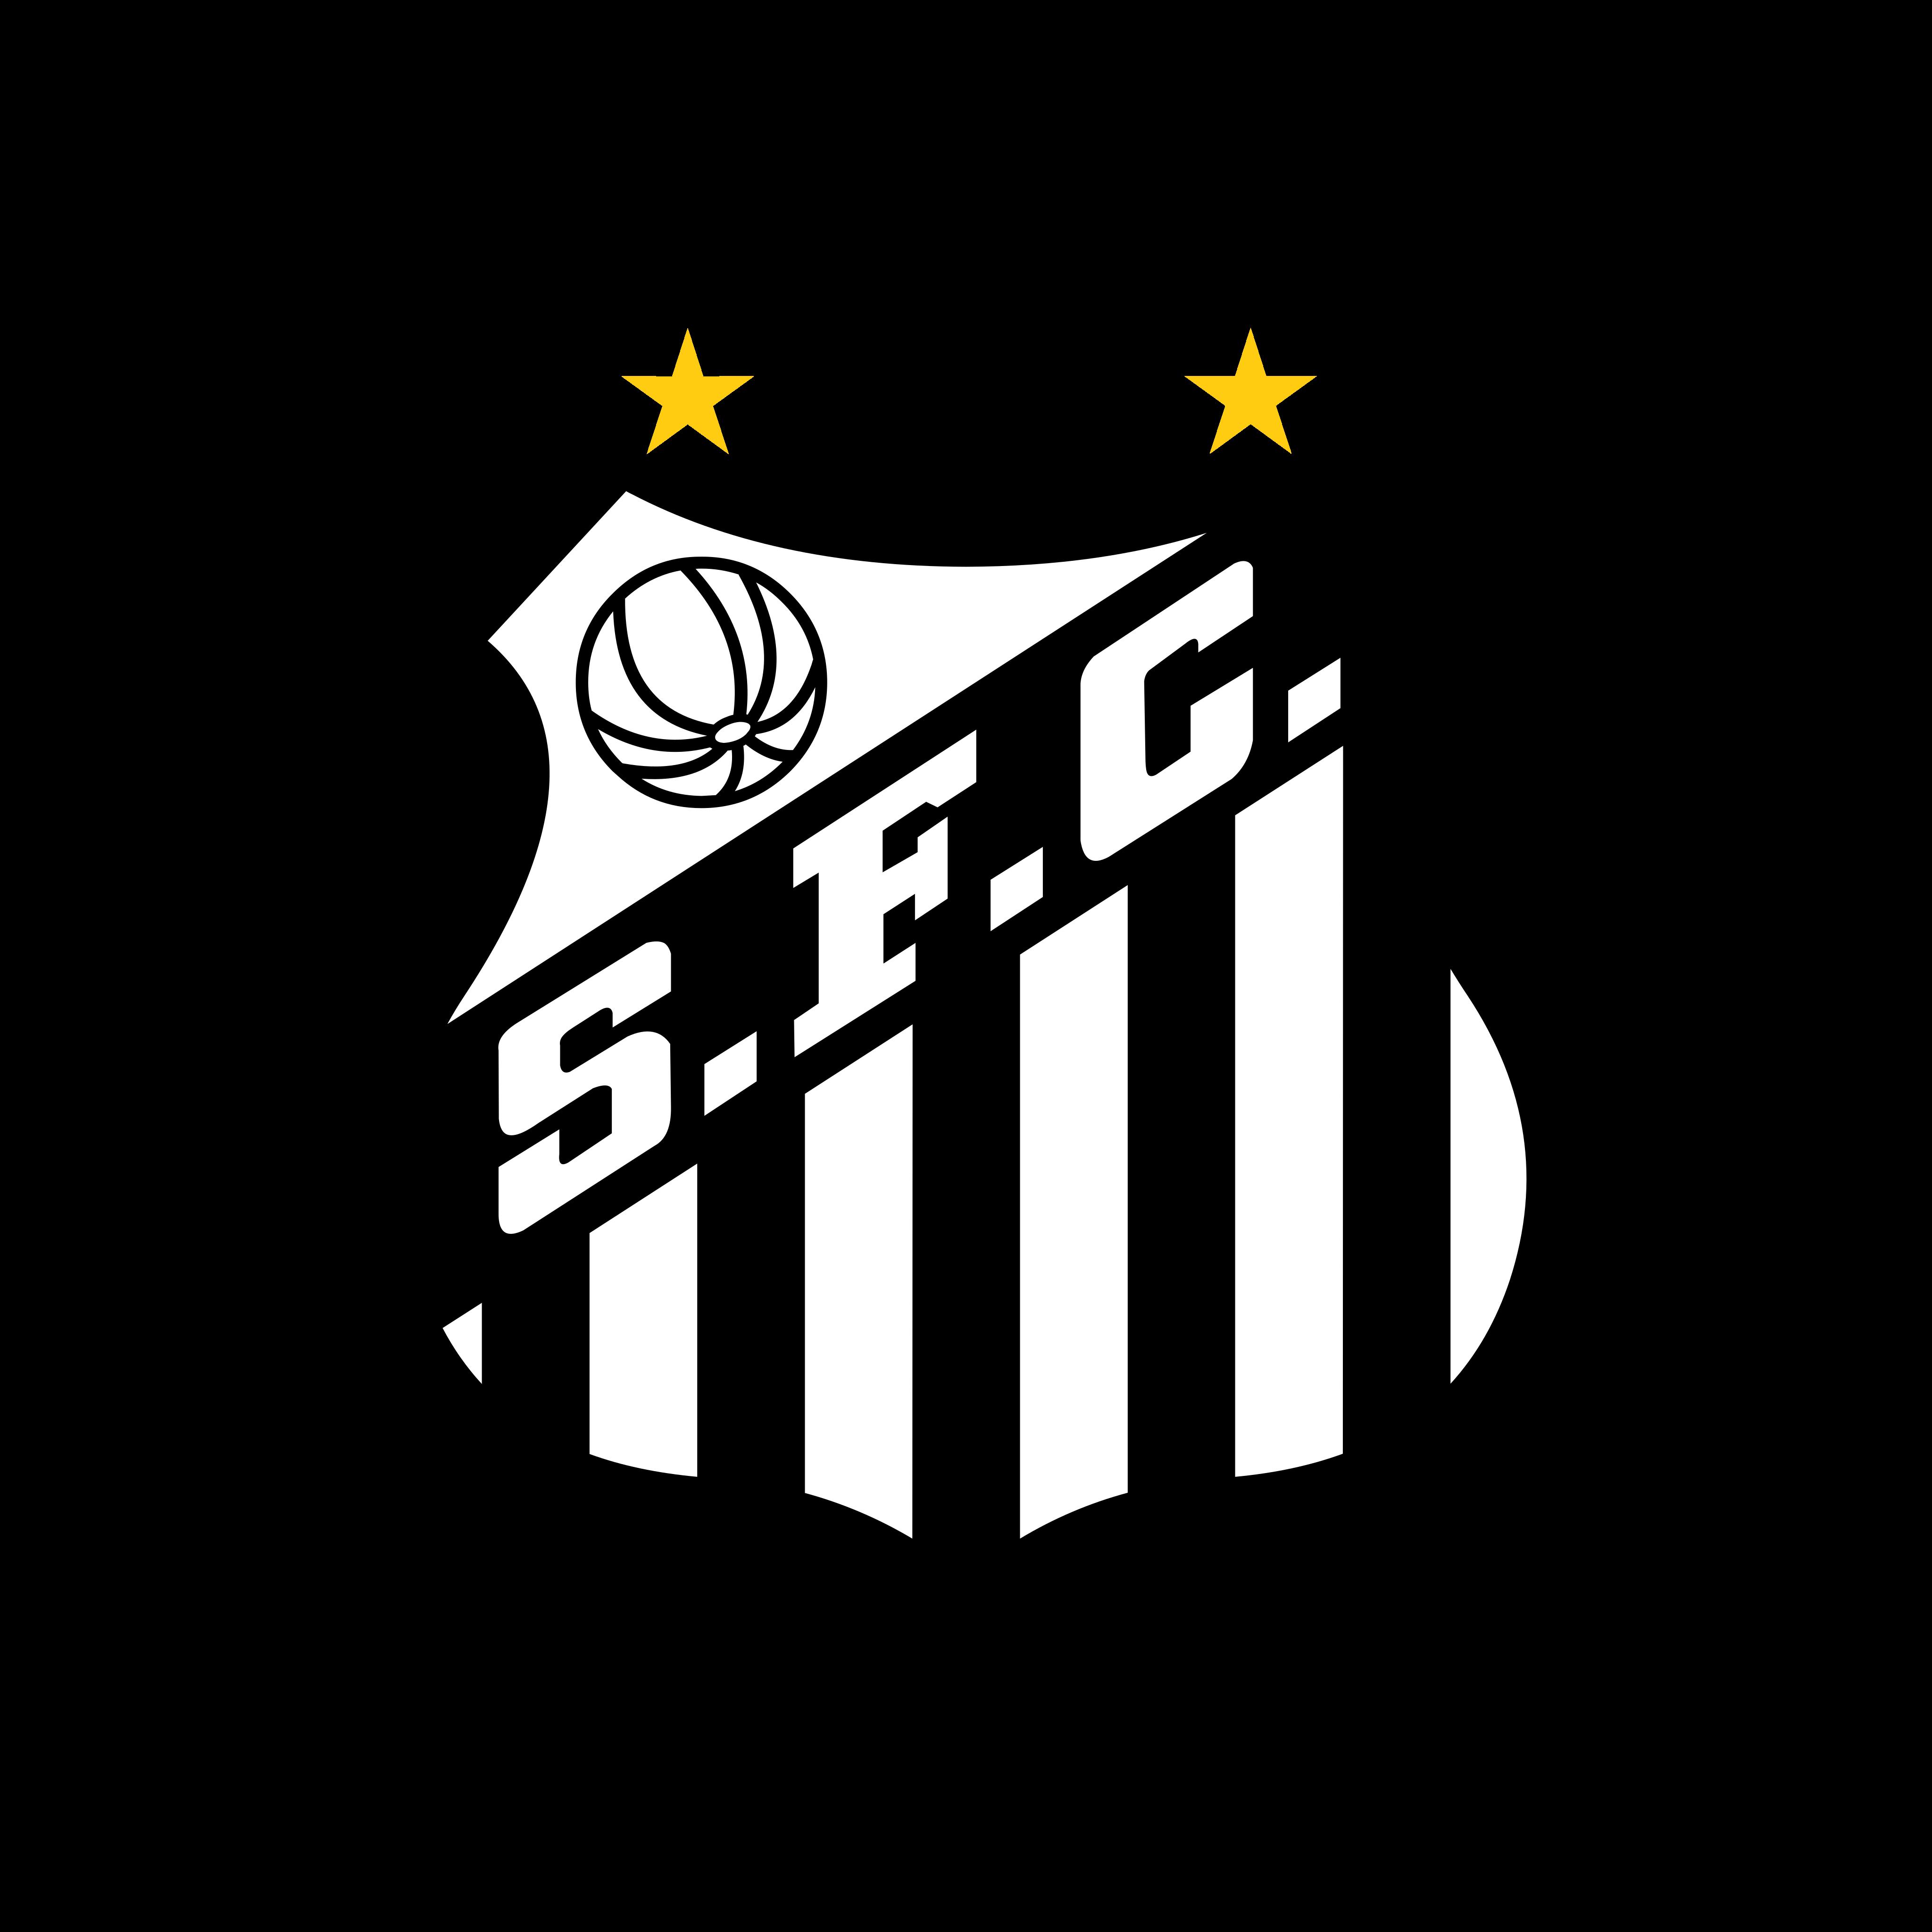 santos logo 0 - Santos FC Logo - Escudo